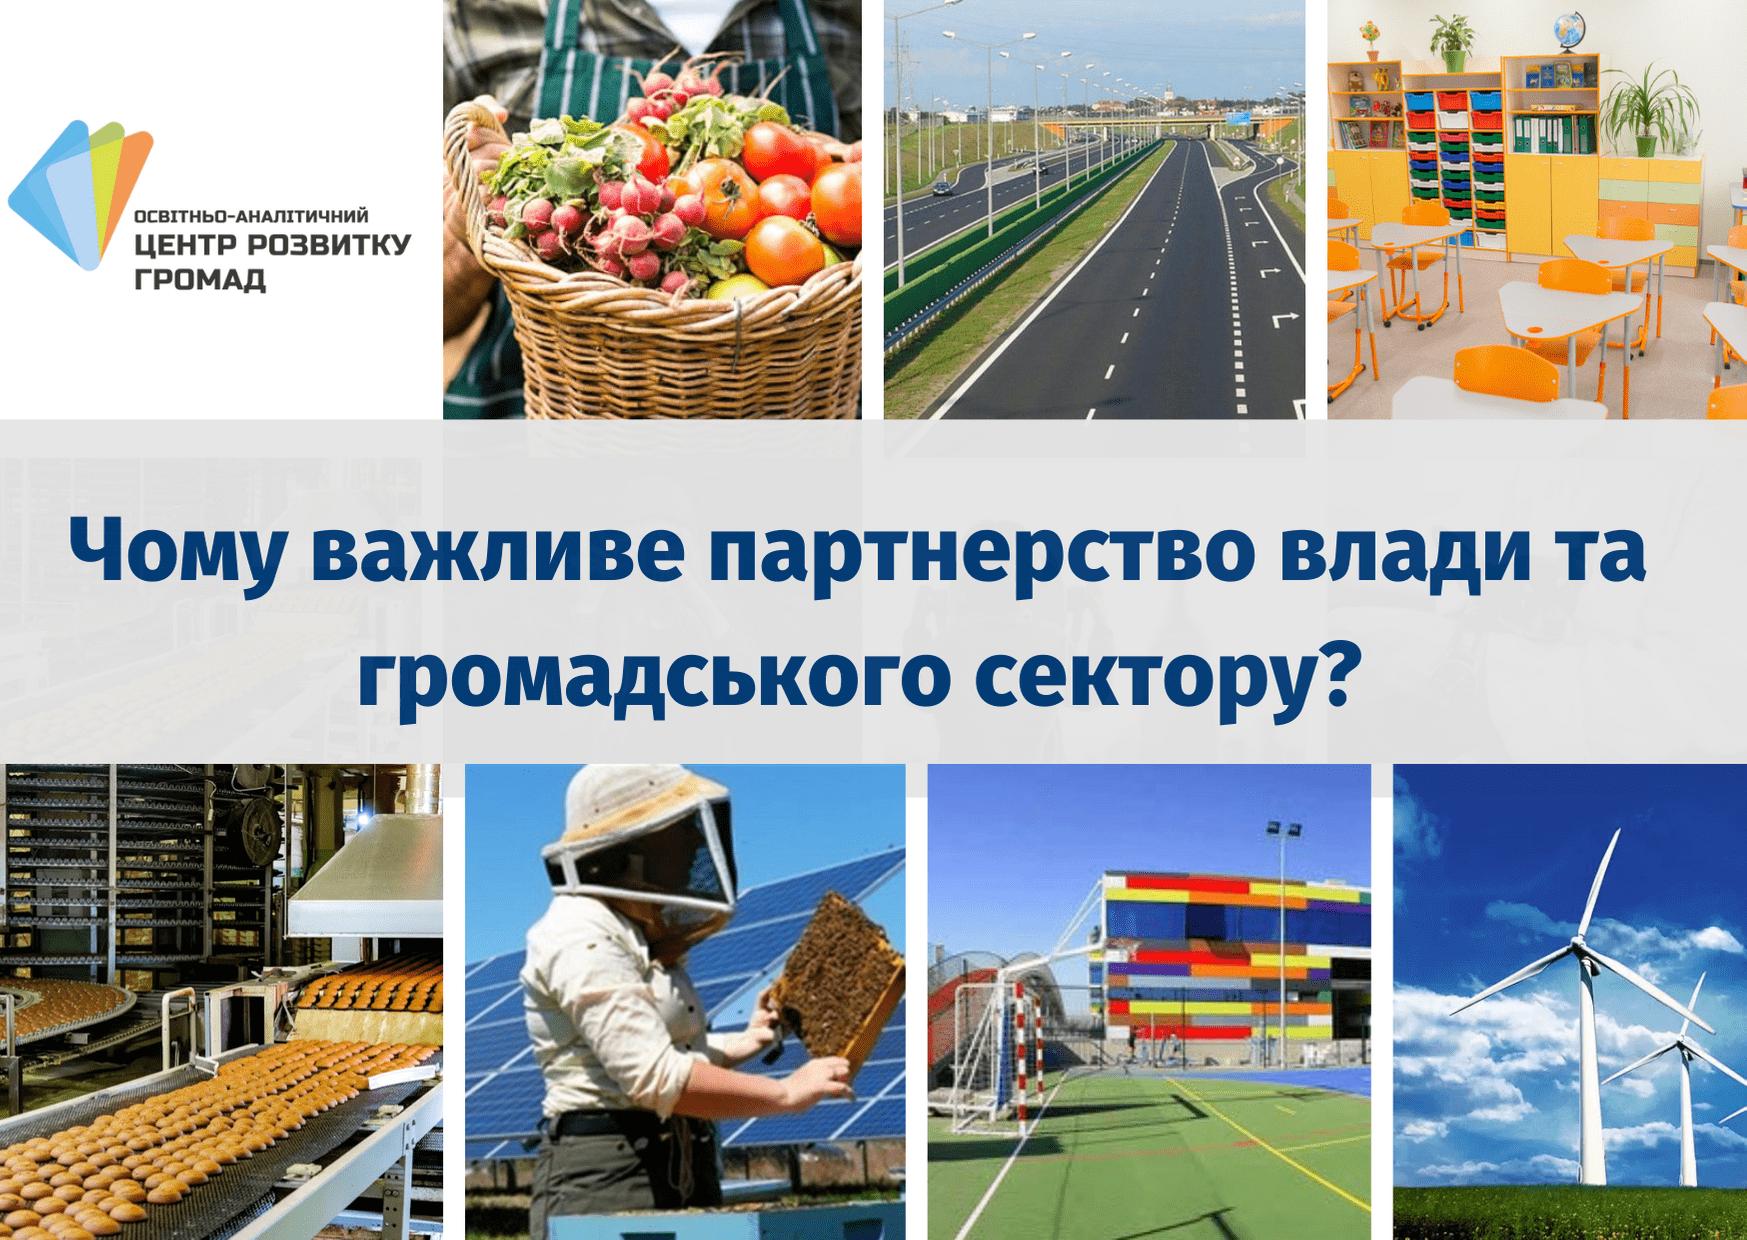 bilyj kolazh foto sviatkova lystivka - Партнерство територіальних громад та громадського сектору: чому це важливо?